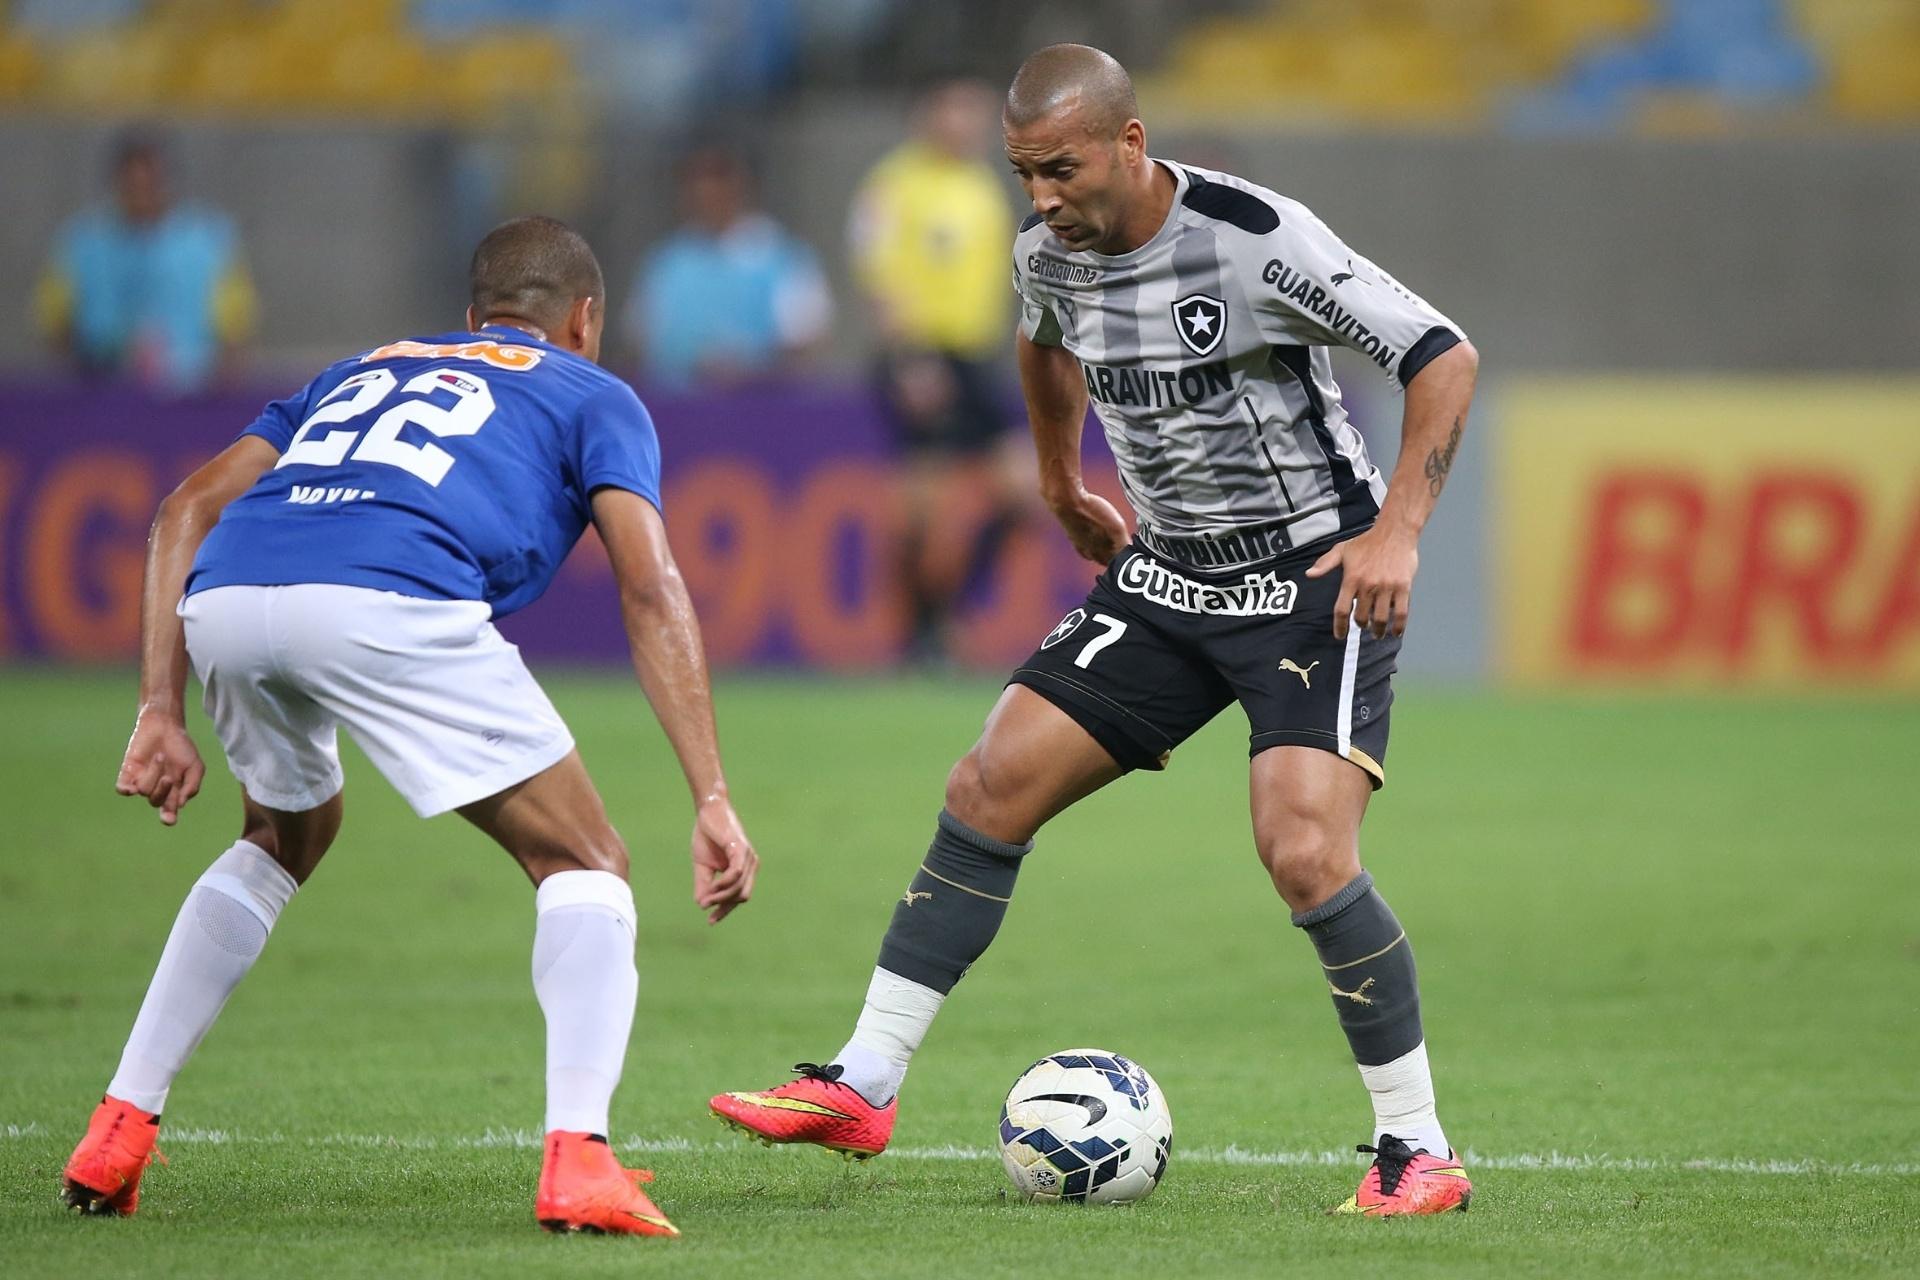 02.ago.2014 - Sheik encara a marcação do Cruzeiro em jogo do Botafogo pelo Brasileirão